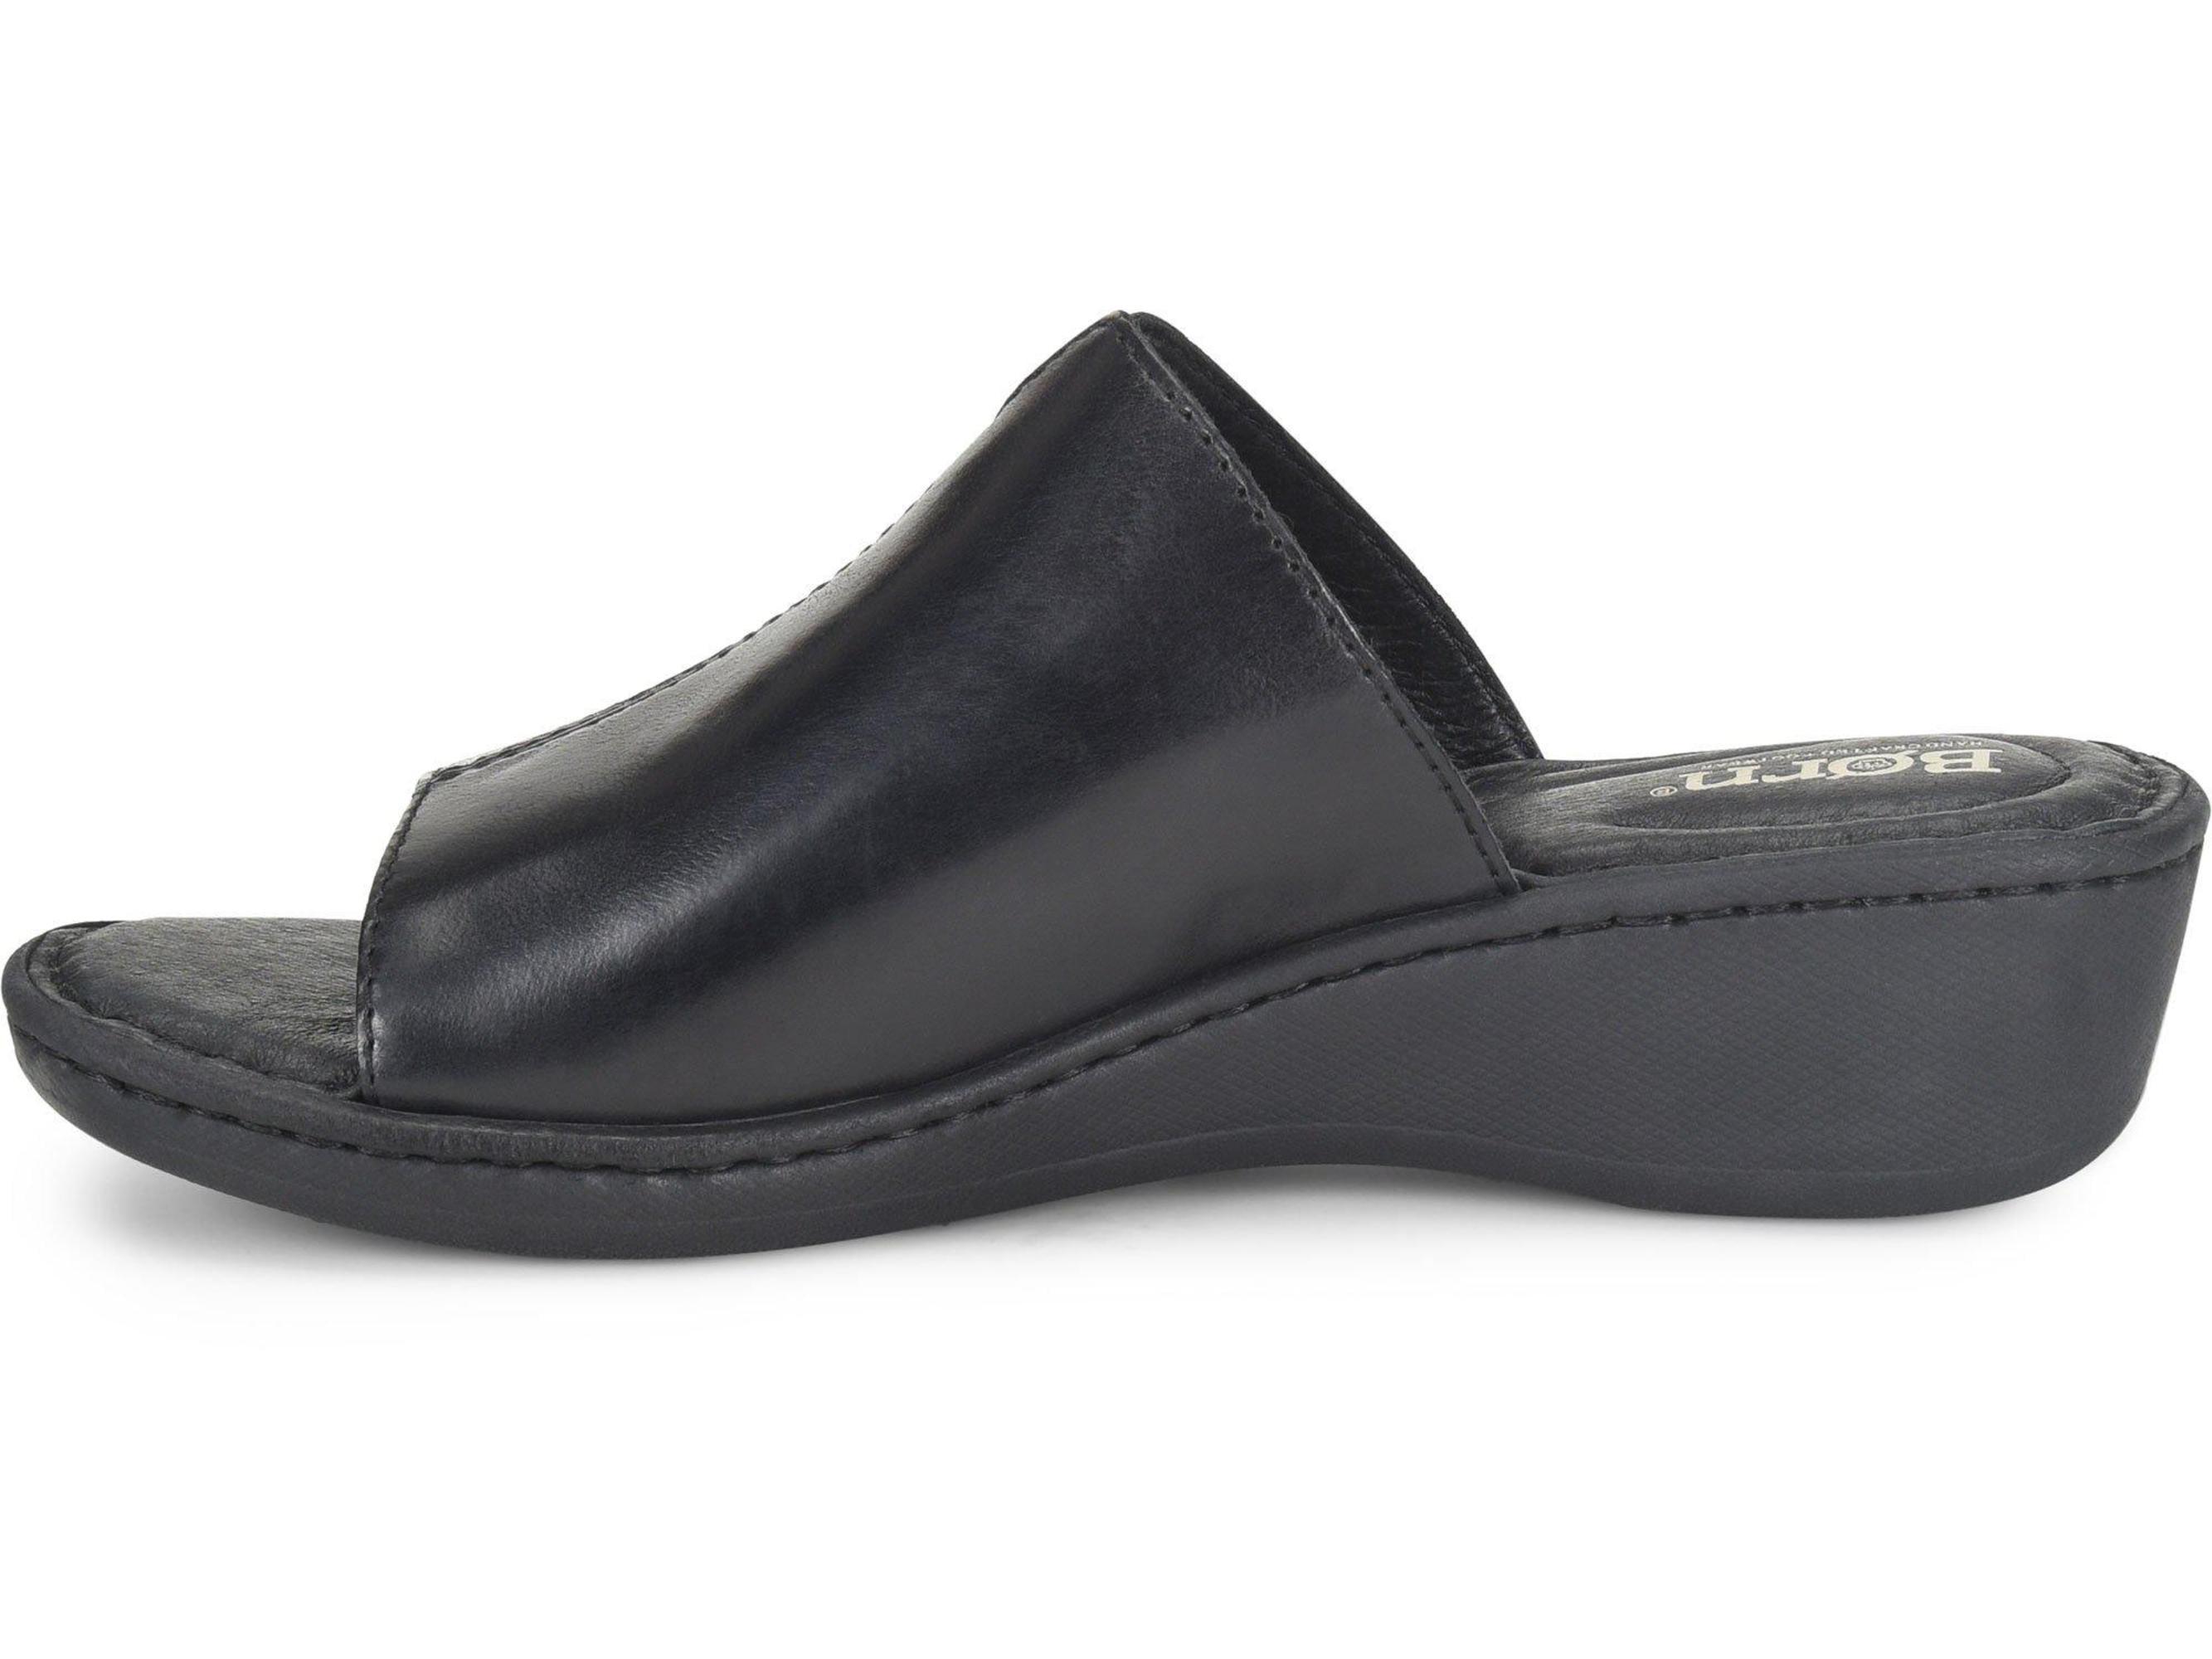 6aff10f0247 Born - Born Womens Bernt Open Toe Casual Slide Sandals - Walmart.com